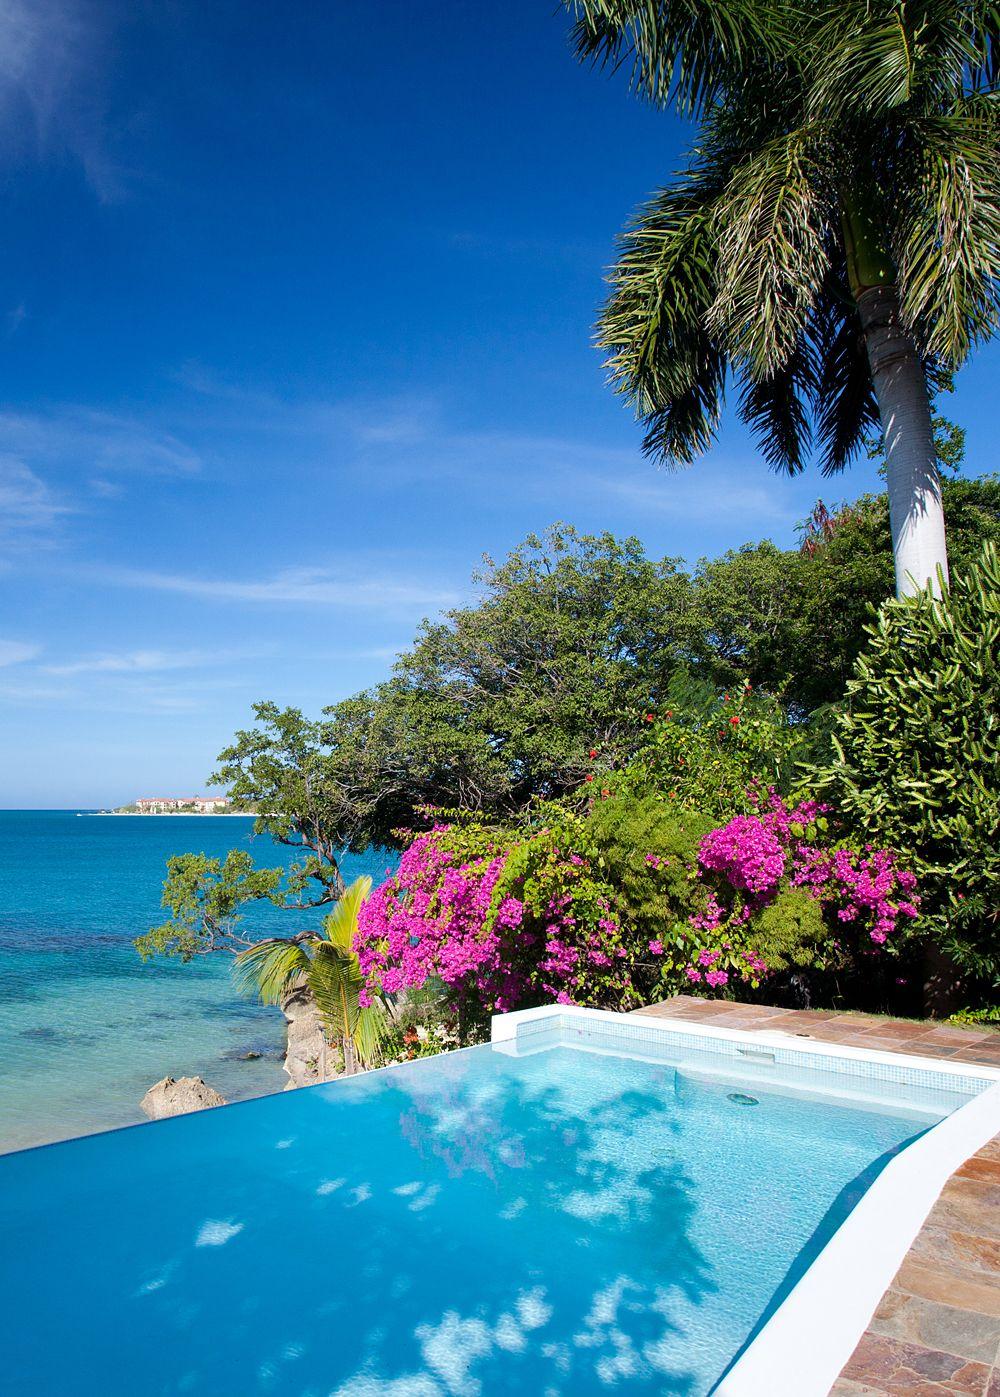 Royale Palms Condominiums Myrtle beach condo rentals